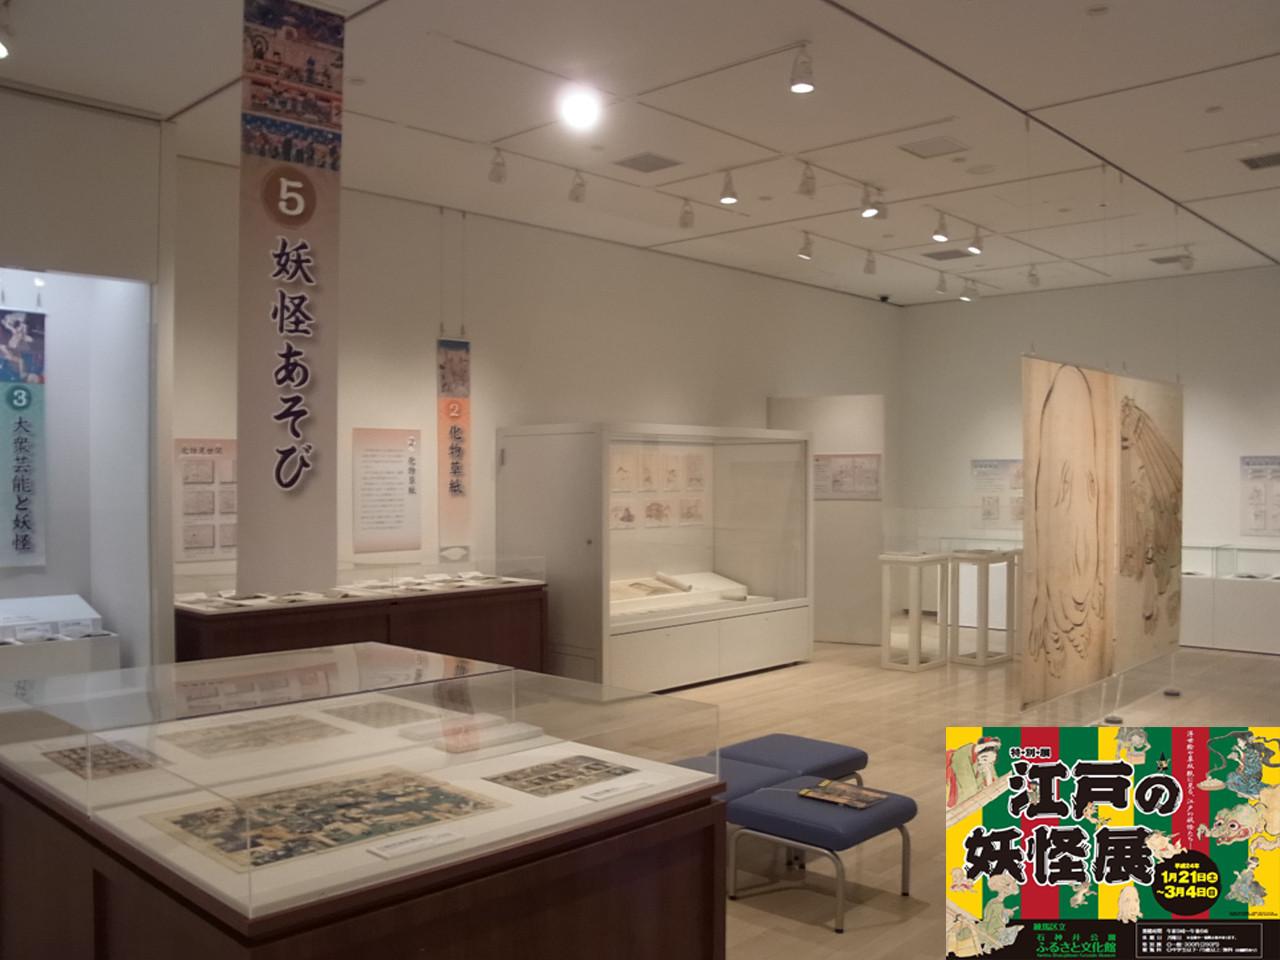 練馬区石神井公園ふるさと文化館